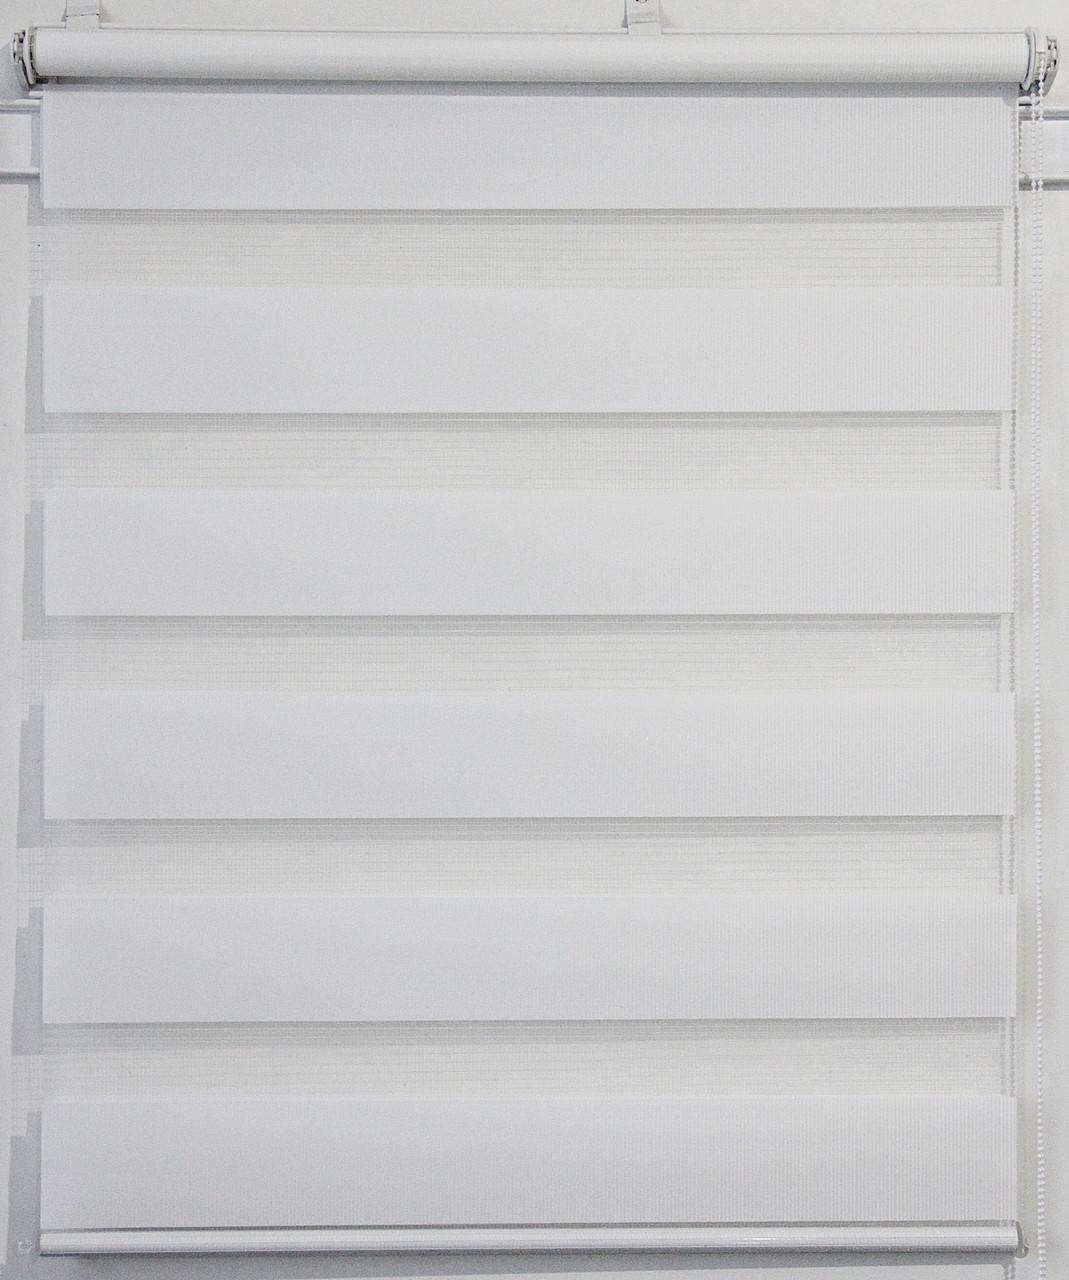 Готовые рулонные шторы 400*1300 Ткань ВН-01 Белый